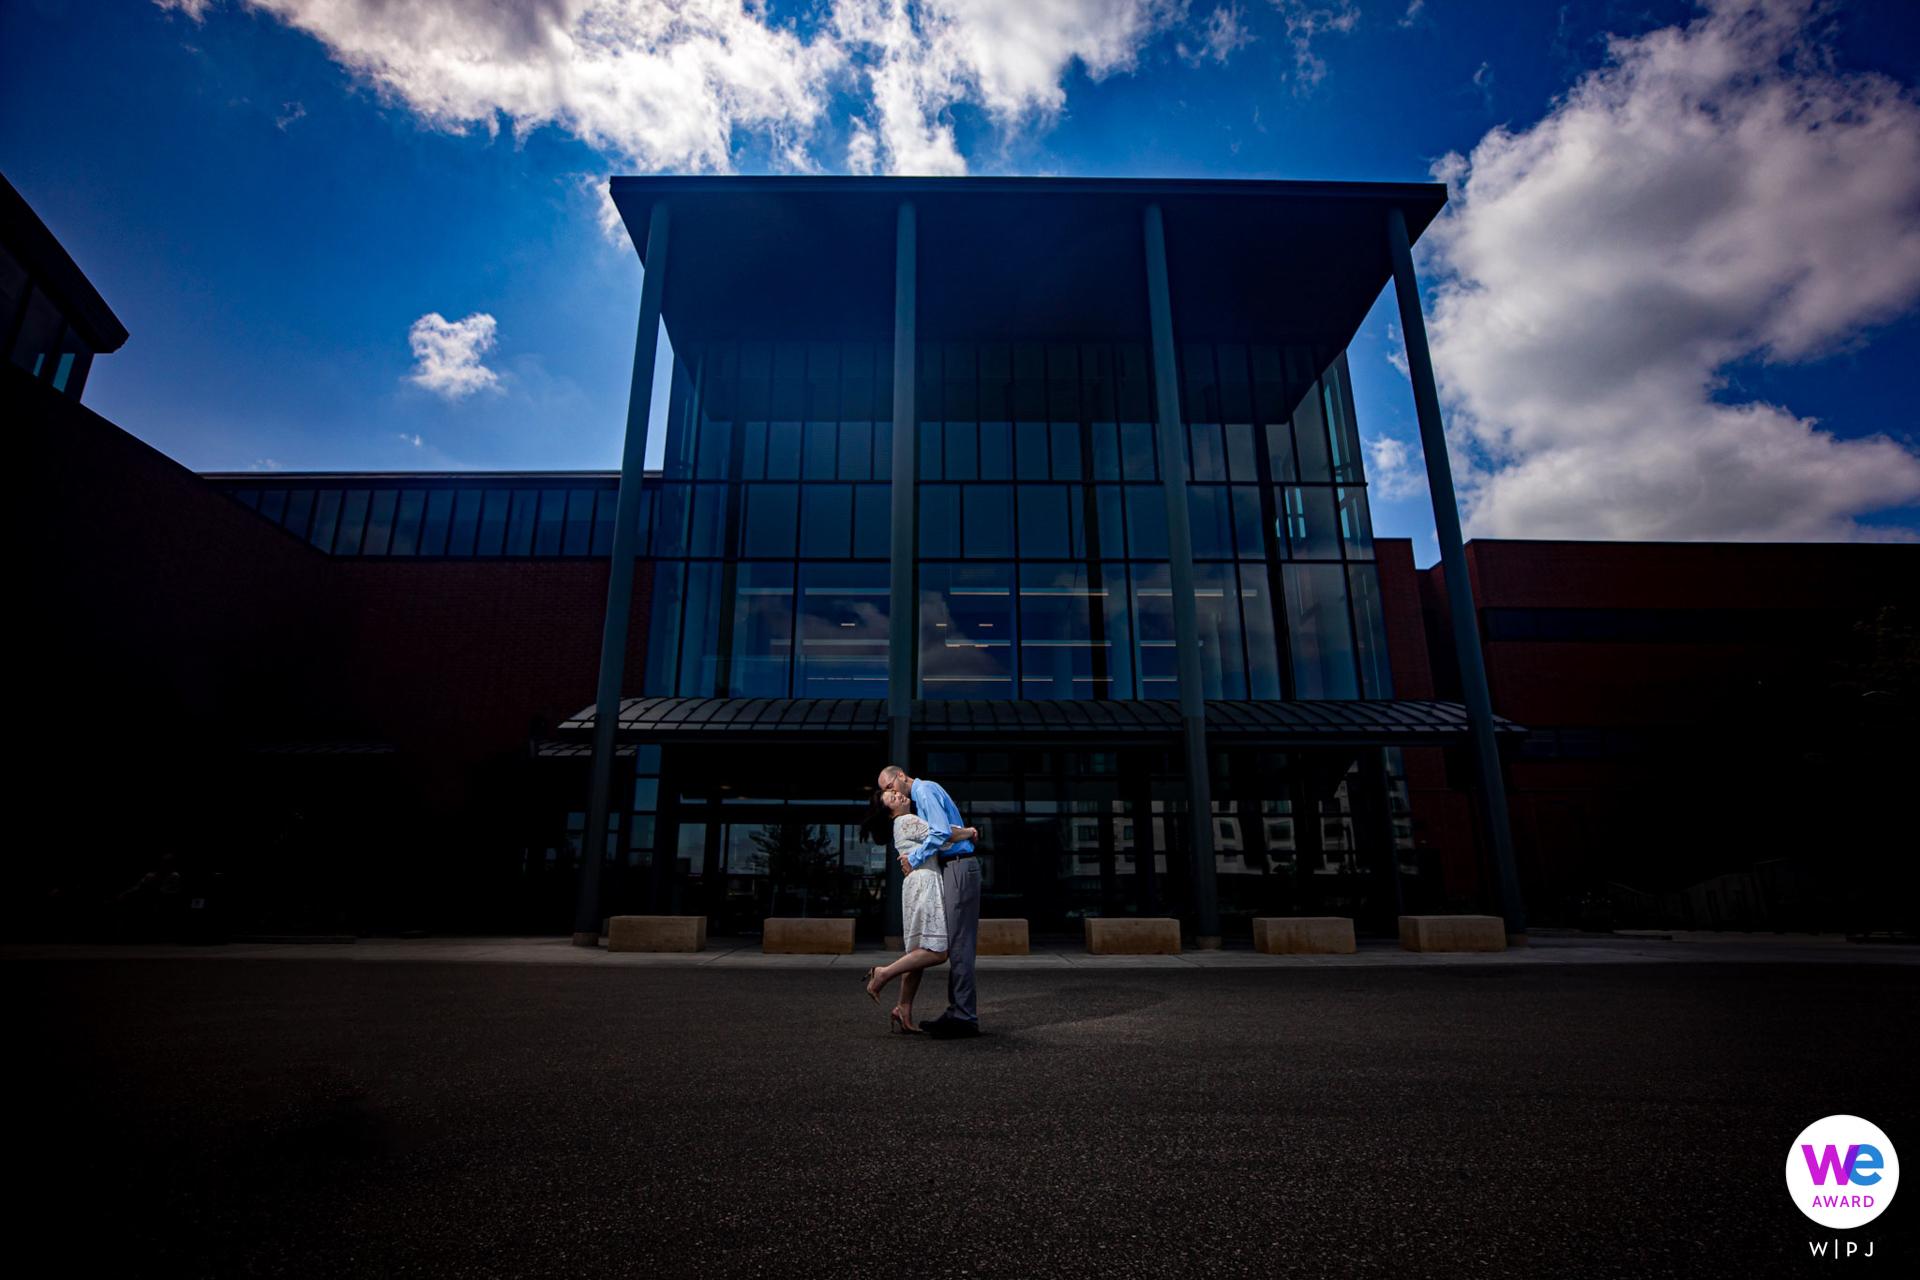 Bodas en un juzgado pequeño en Minnesota - MN Photography | La pareja de recién casados se hace pasar por marido y mujer frente al palacio de justicia